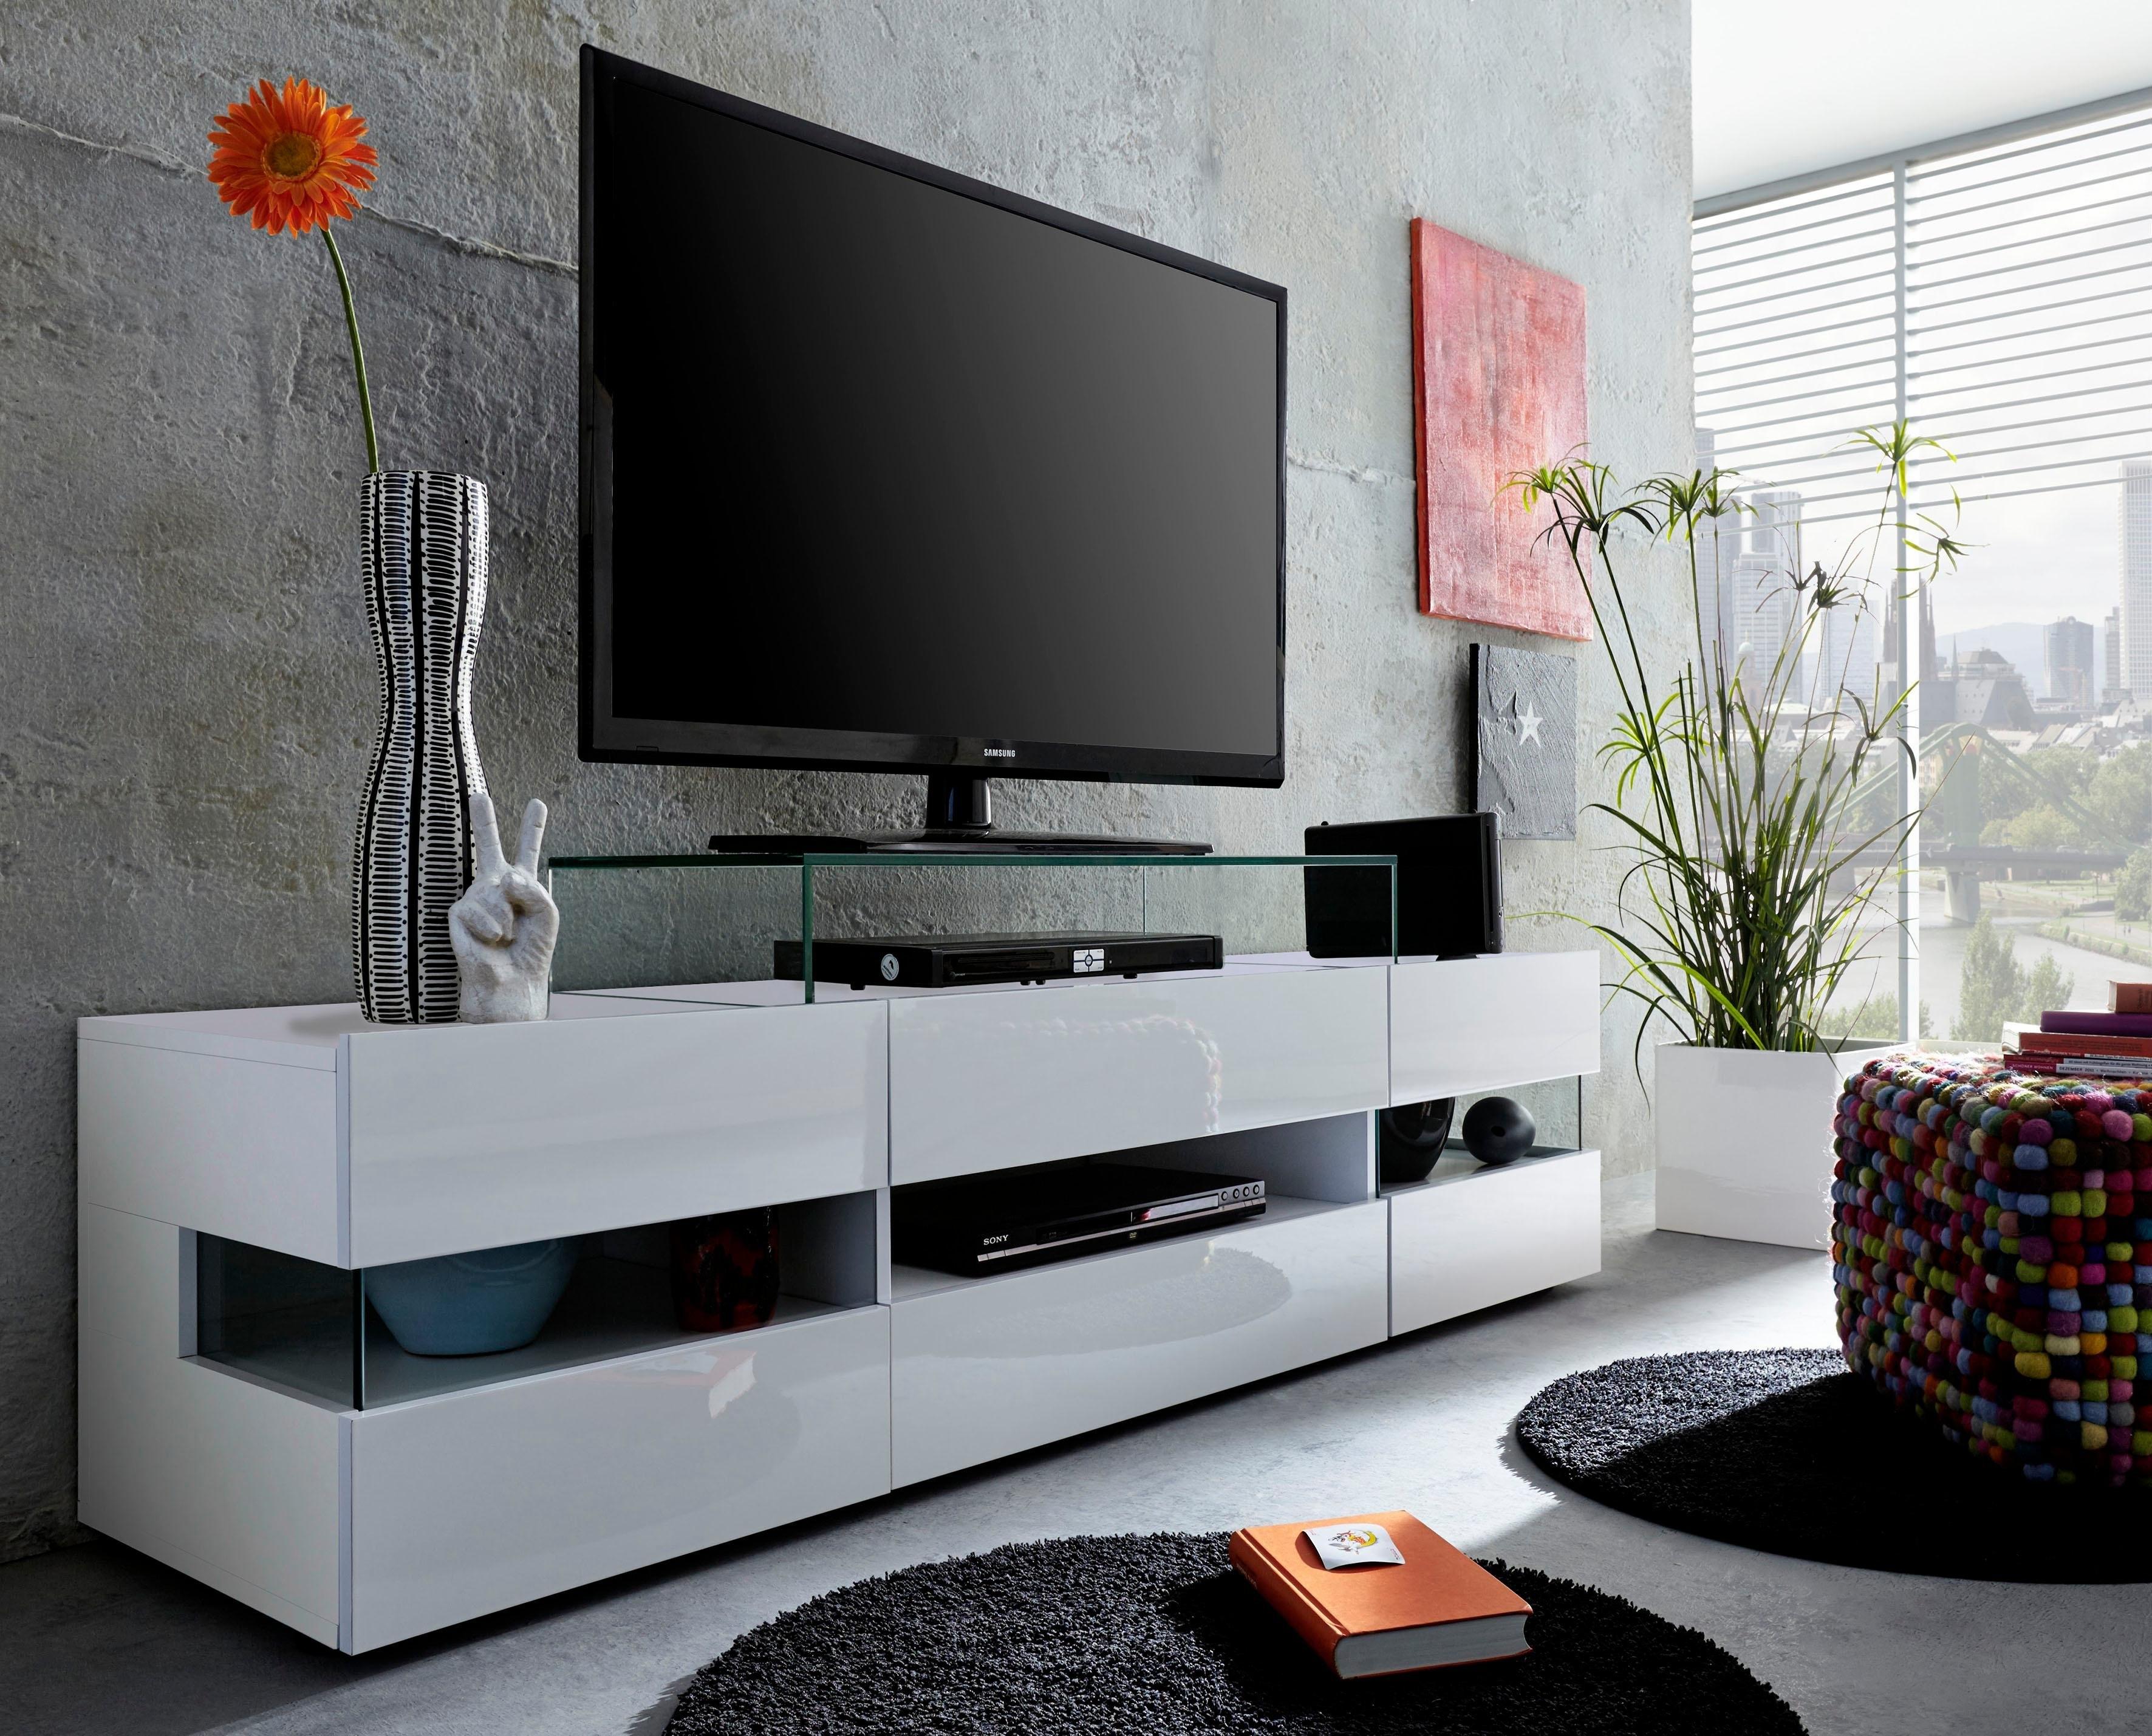 Samsung Tv Met Meubel.Tv Meubel Sonic Breedte 169 Cm Vind Je Bij Otto